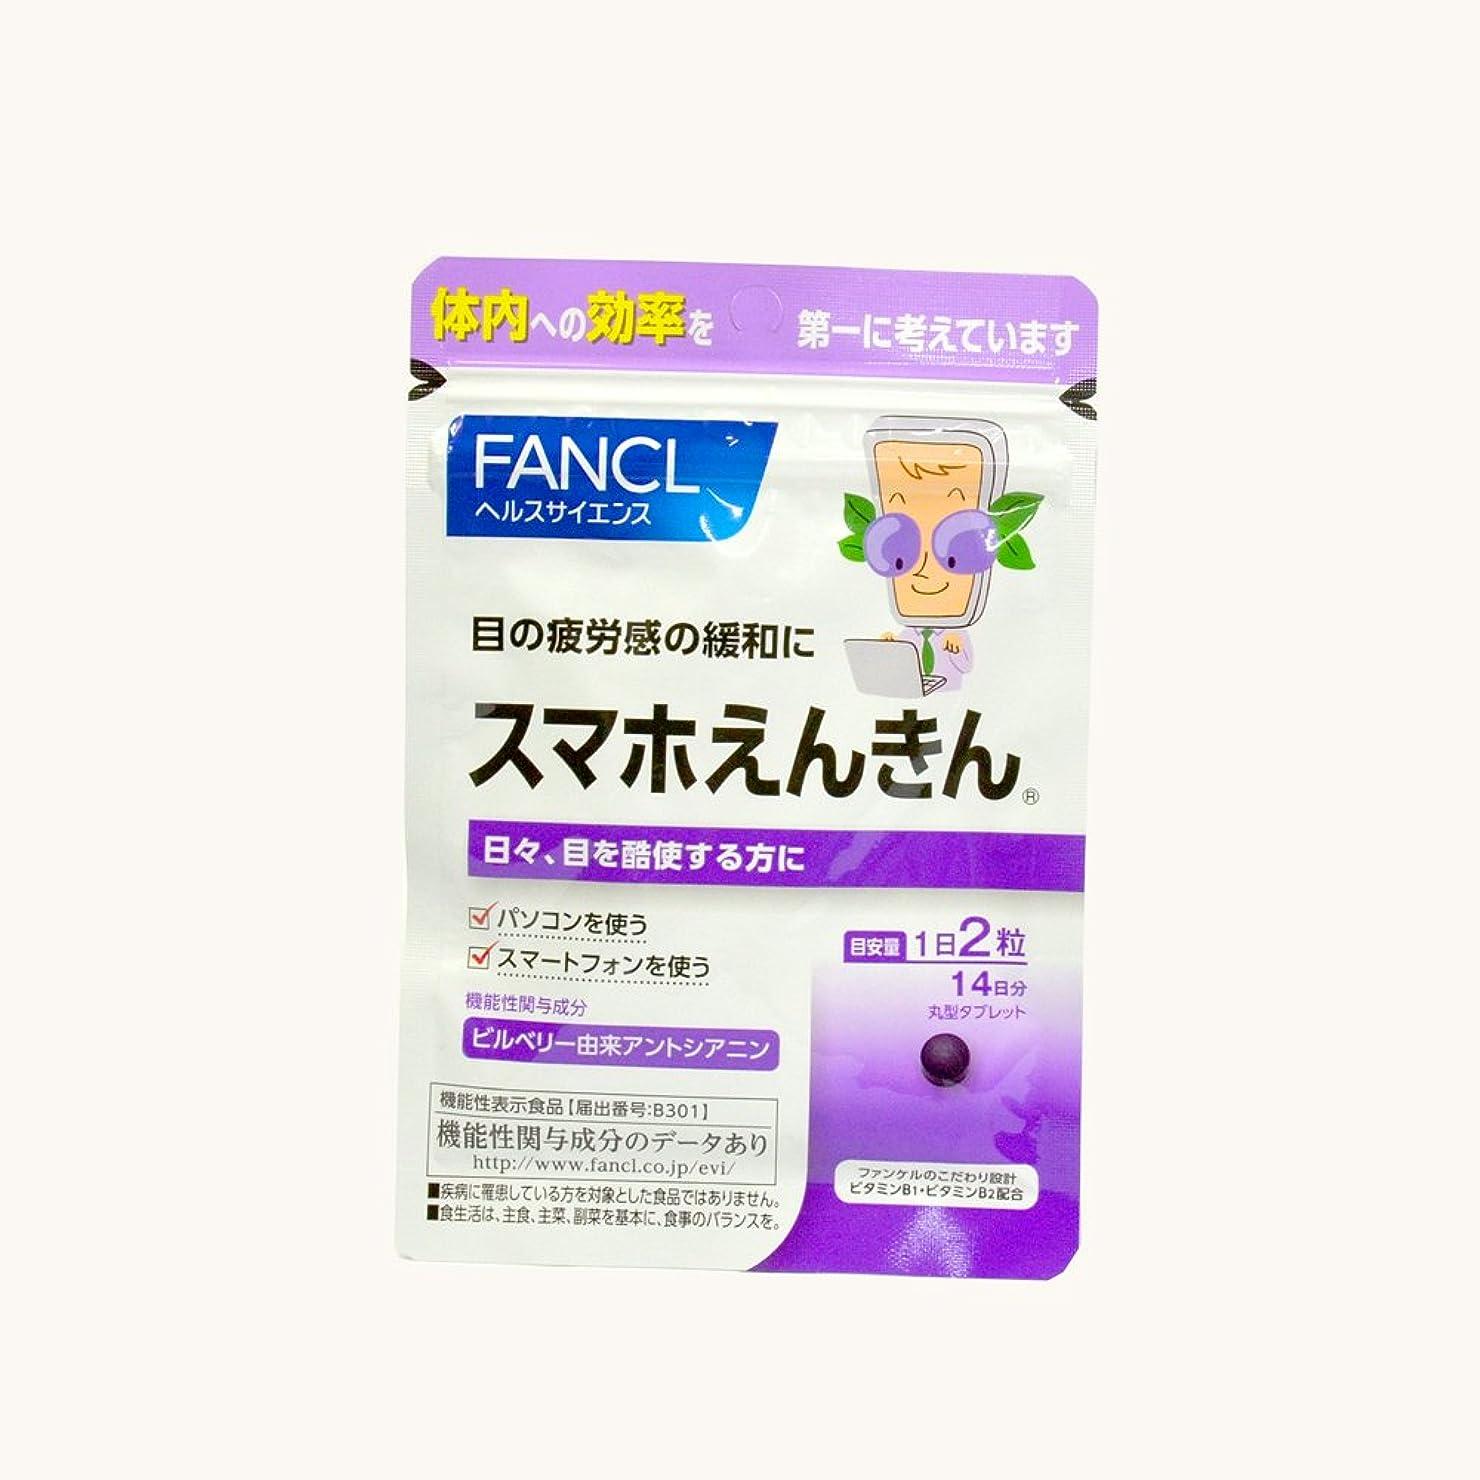 全部予測子推進力FANCL ファンケル スマホえんきん 機能性表示食品 14日分28粒